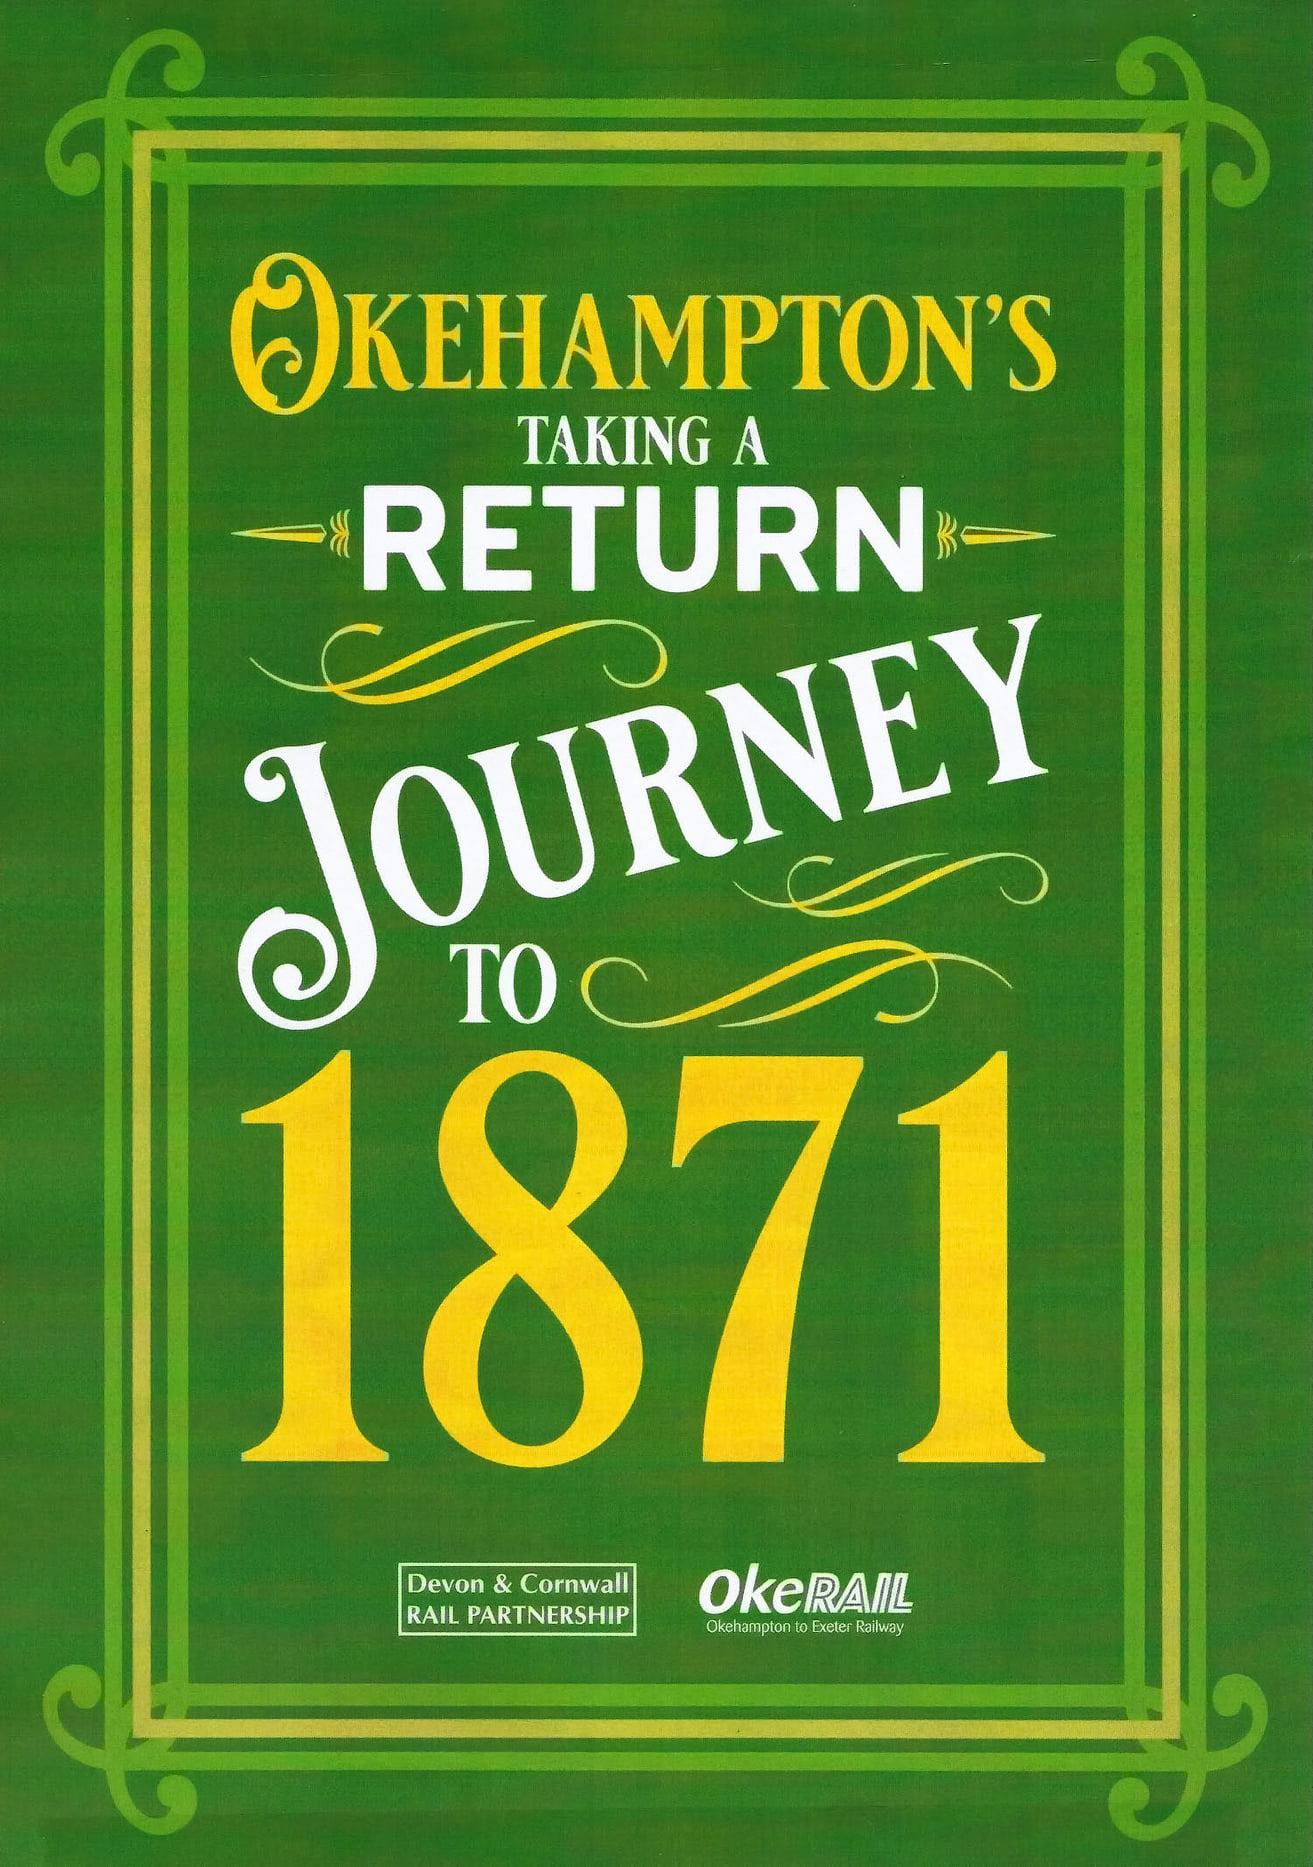 Okehampton's taking a return journey to 1871